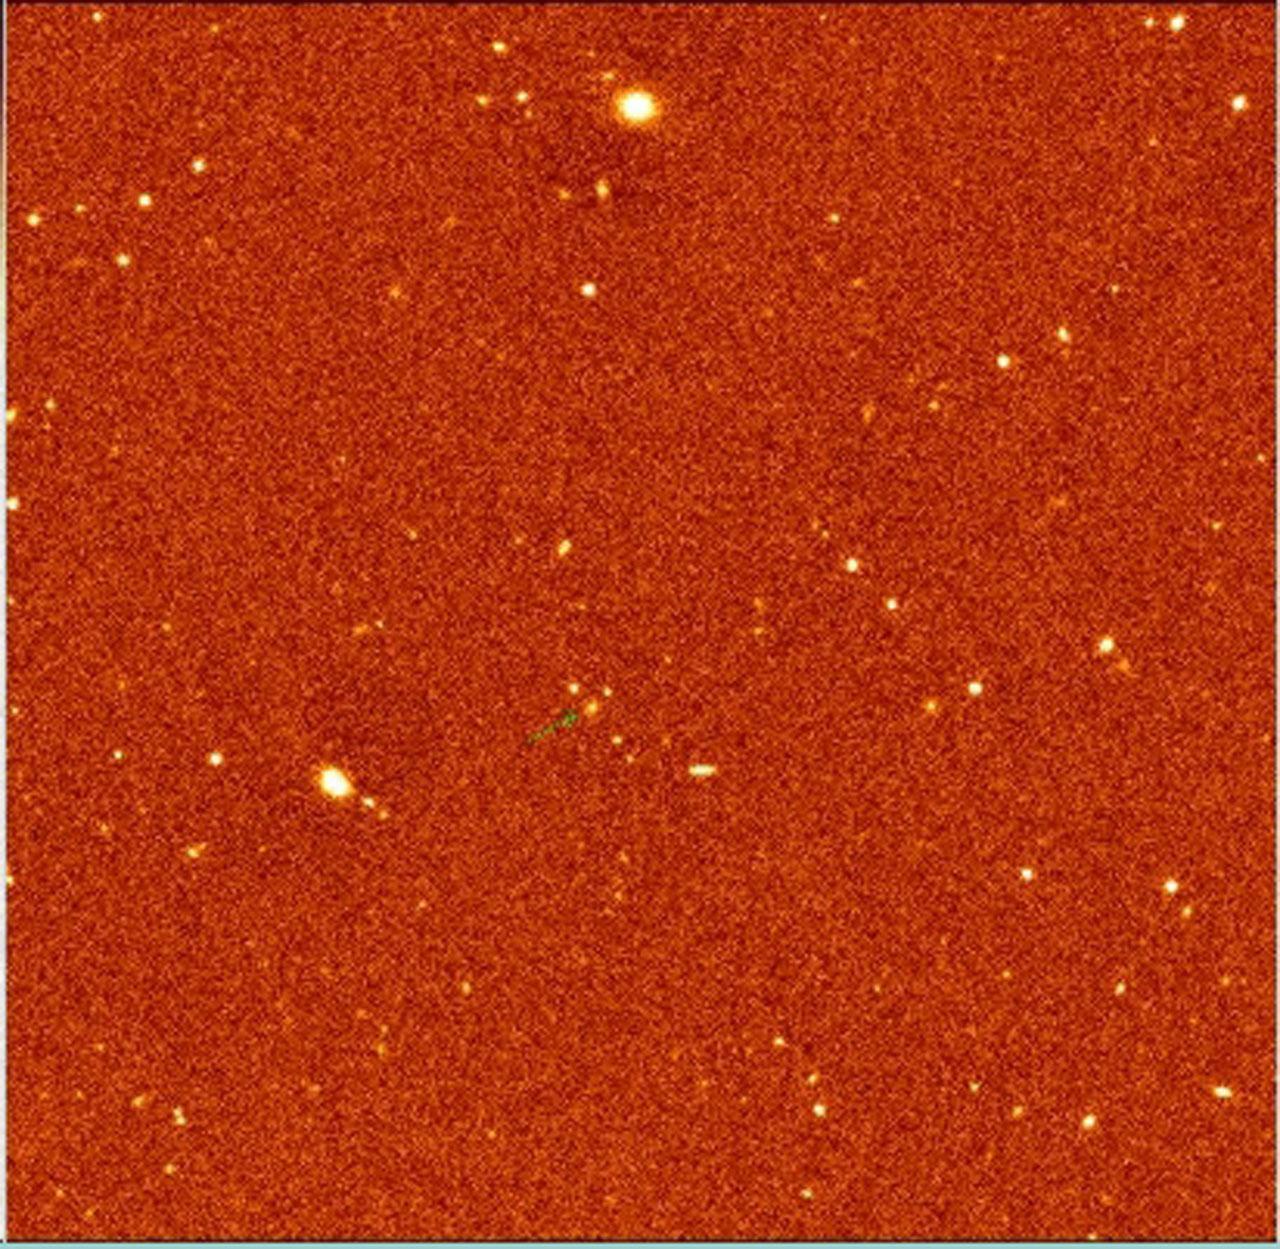 Radio Galaxy MRC 0406-244